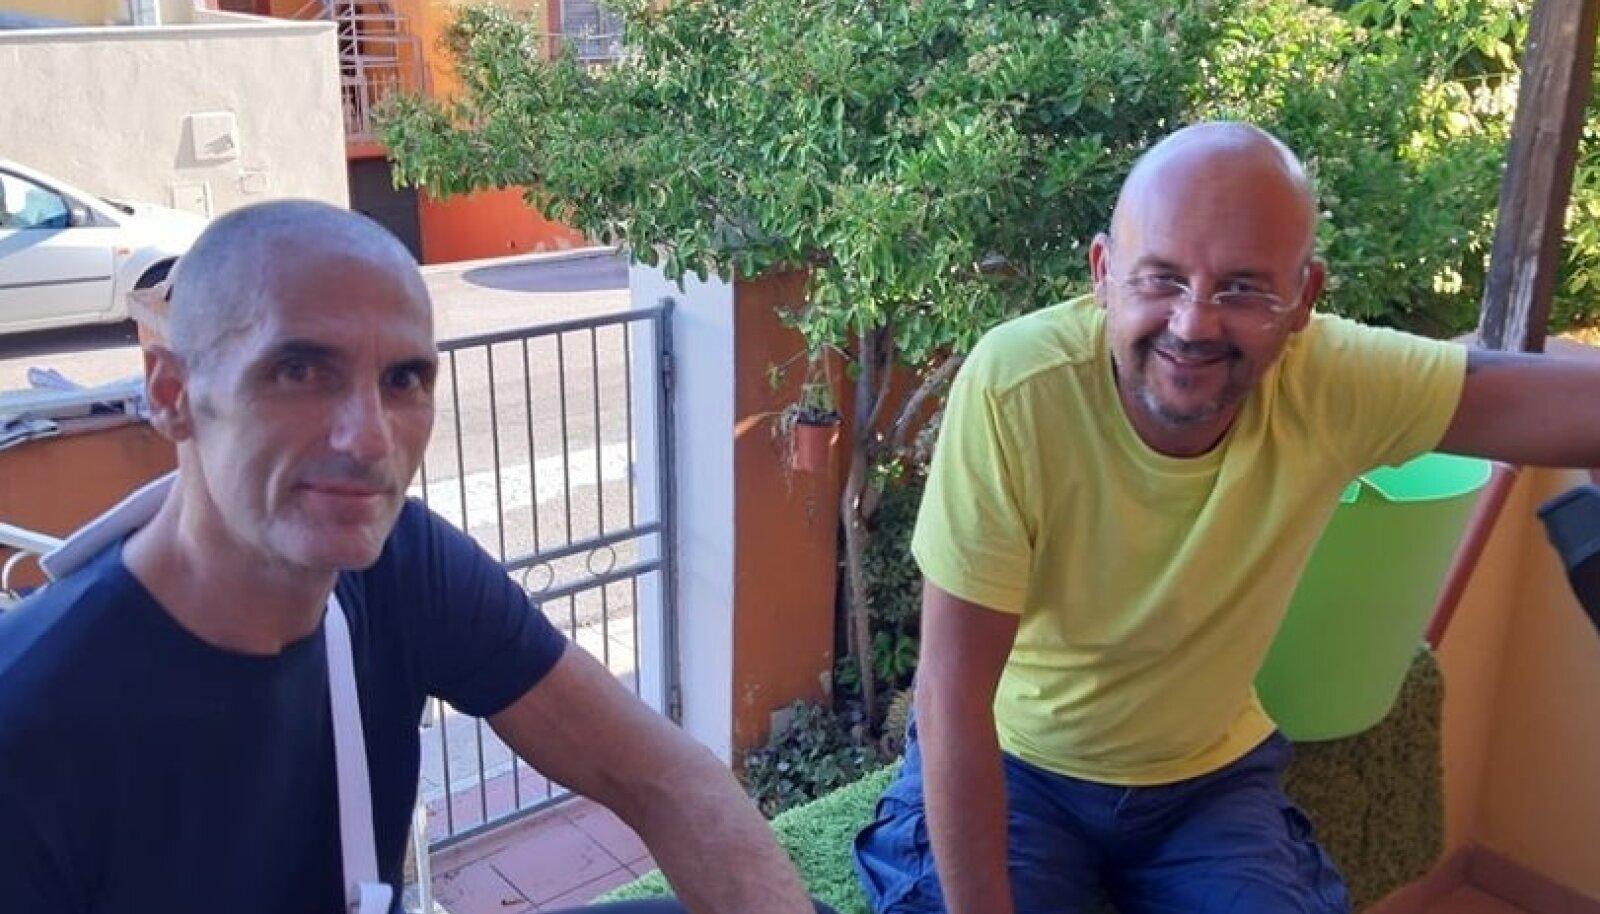 TAGASI KODUS: Giuseppe Uccula (vasakul) ja tema reisikaaslane Nello Cosenza (paremalt) on õnnetusest taastunud ja tagasi kodus.